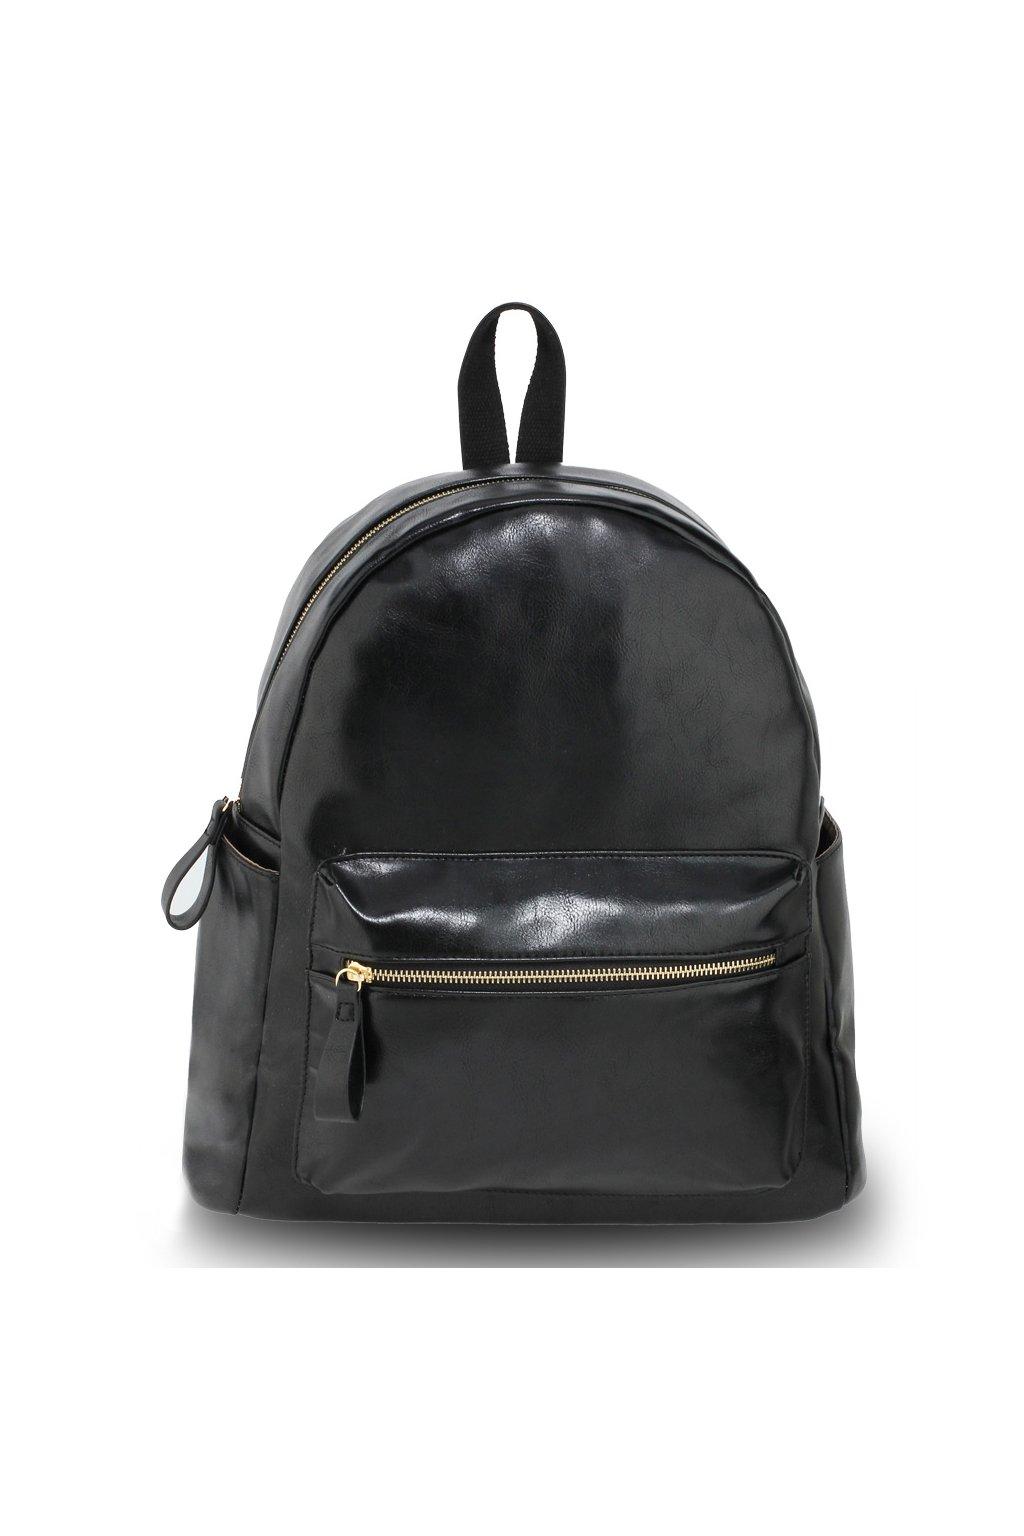 Čierny ruksak Nola AG00186G